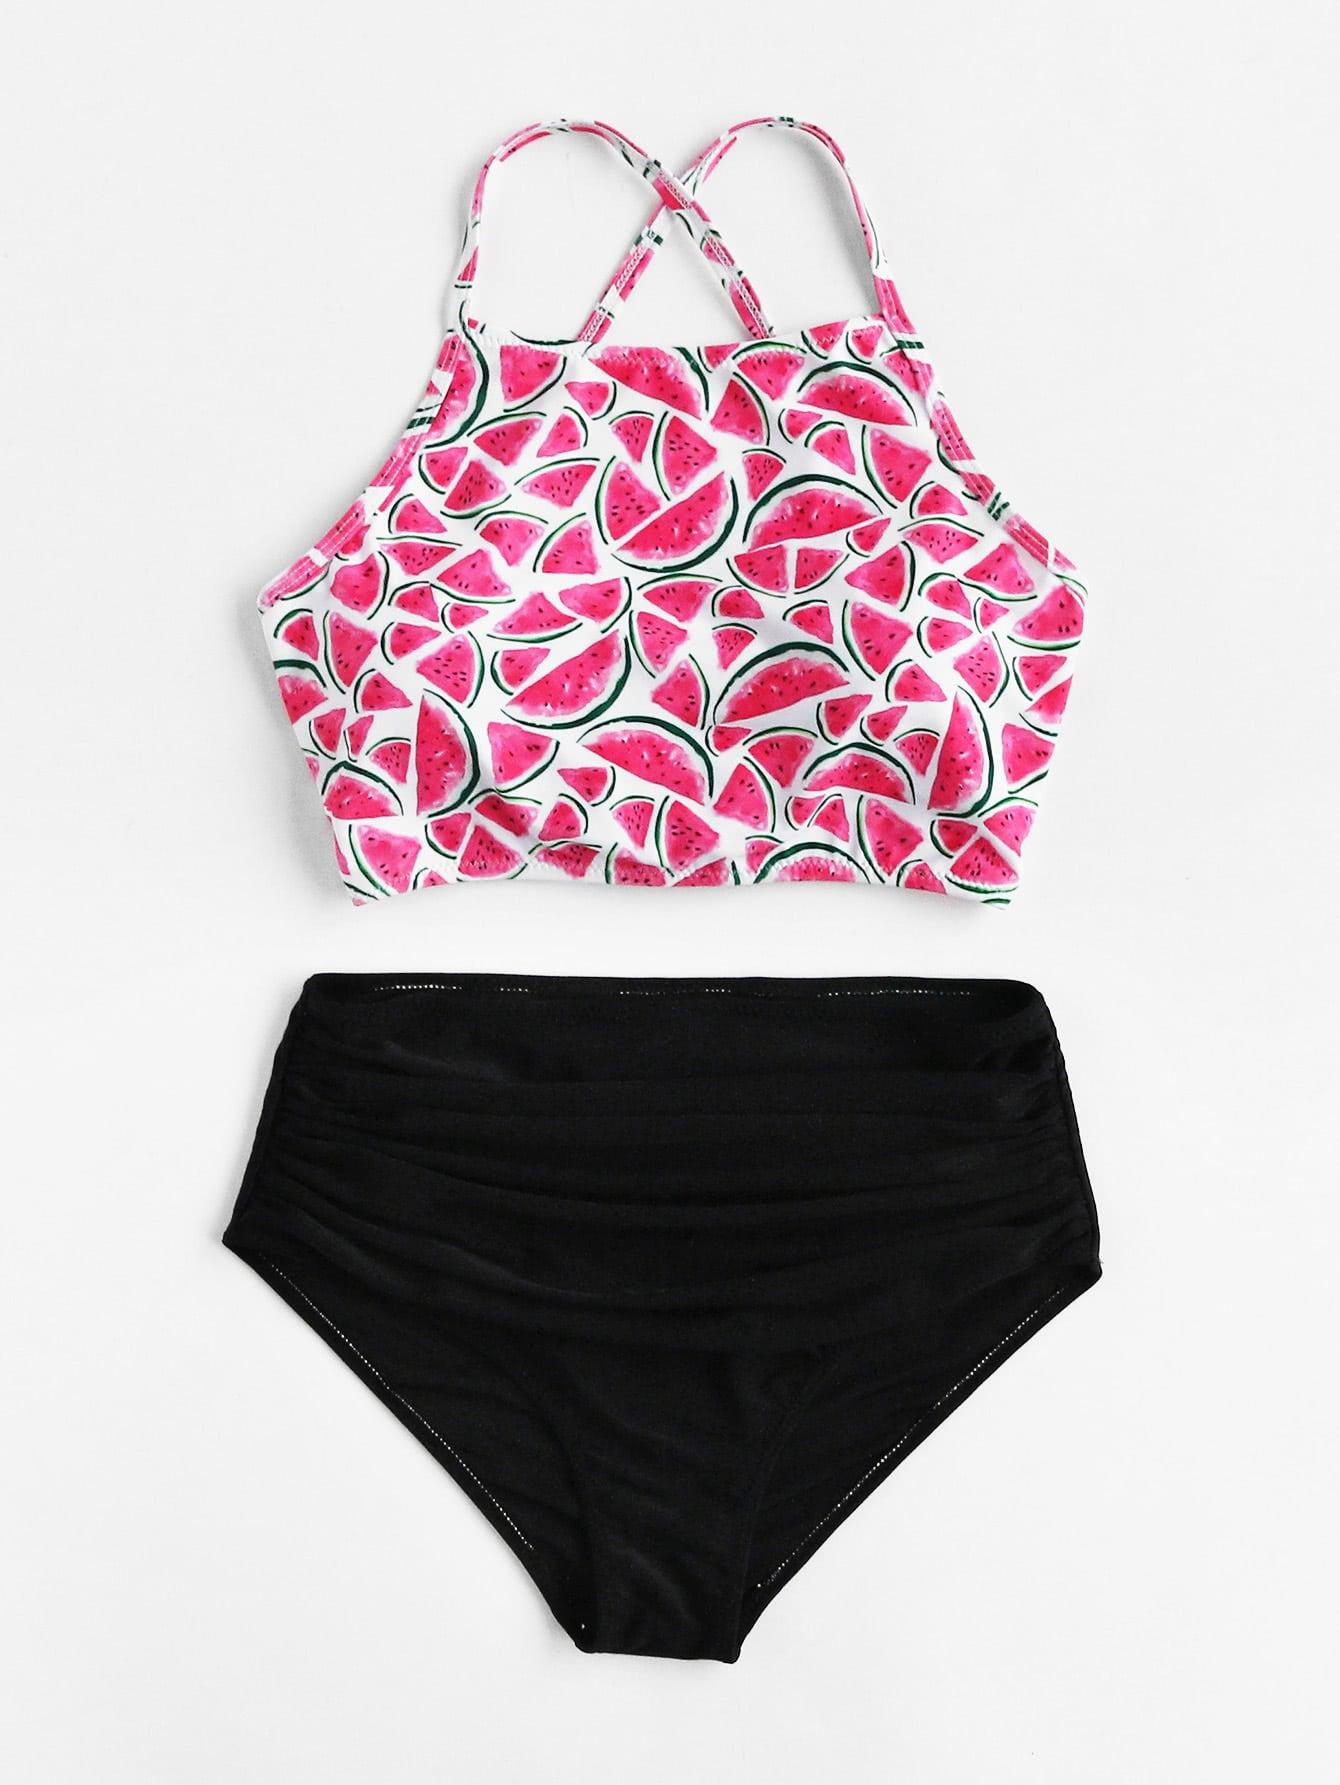 0afecc2ac6 KOZ1.com | Shop for latest women's fashion dresses, tops, bottoms.